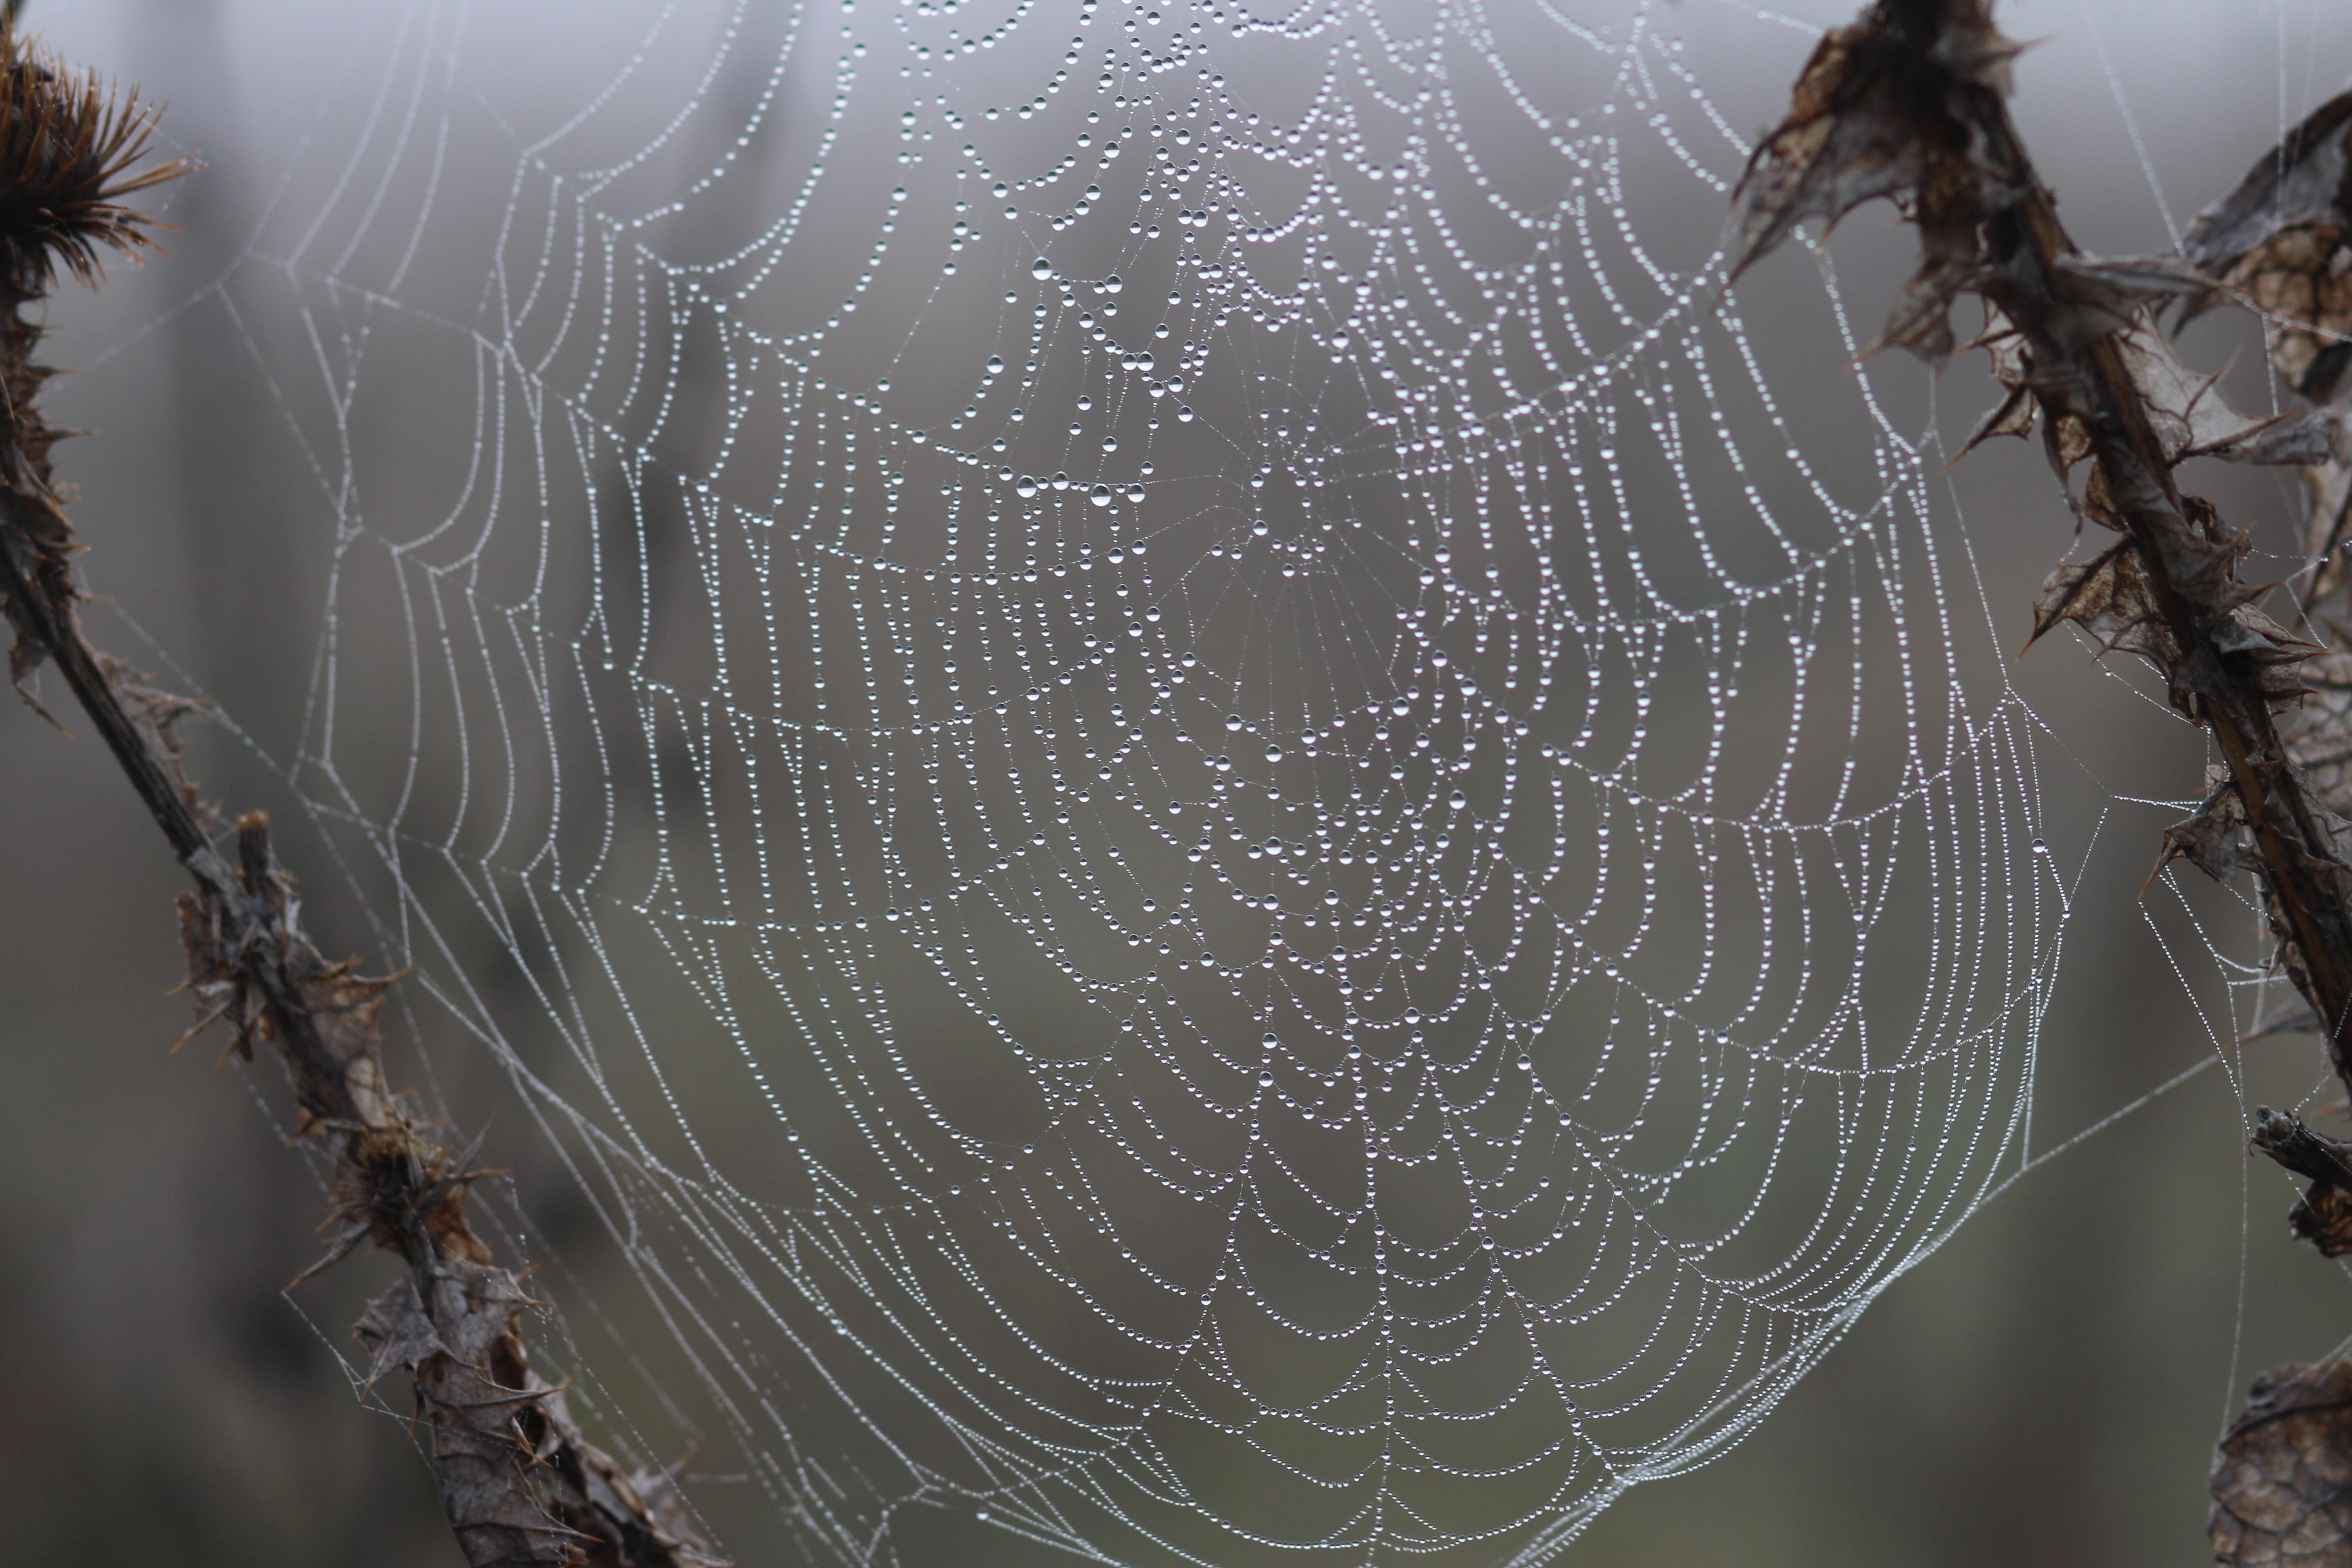 оказалось настолько красивые фото пауков в паутине сегодняшний день